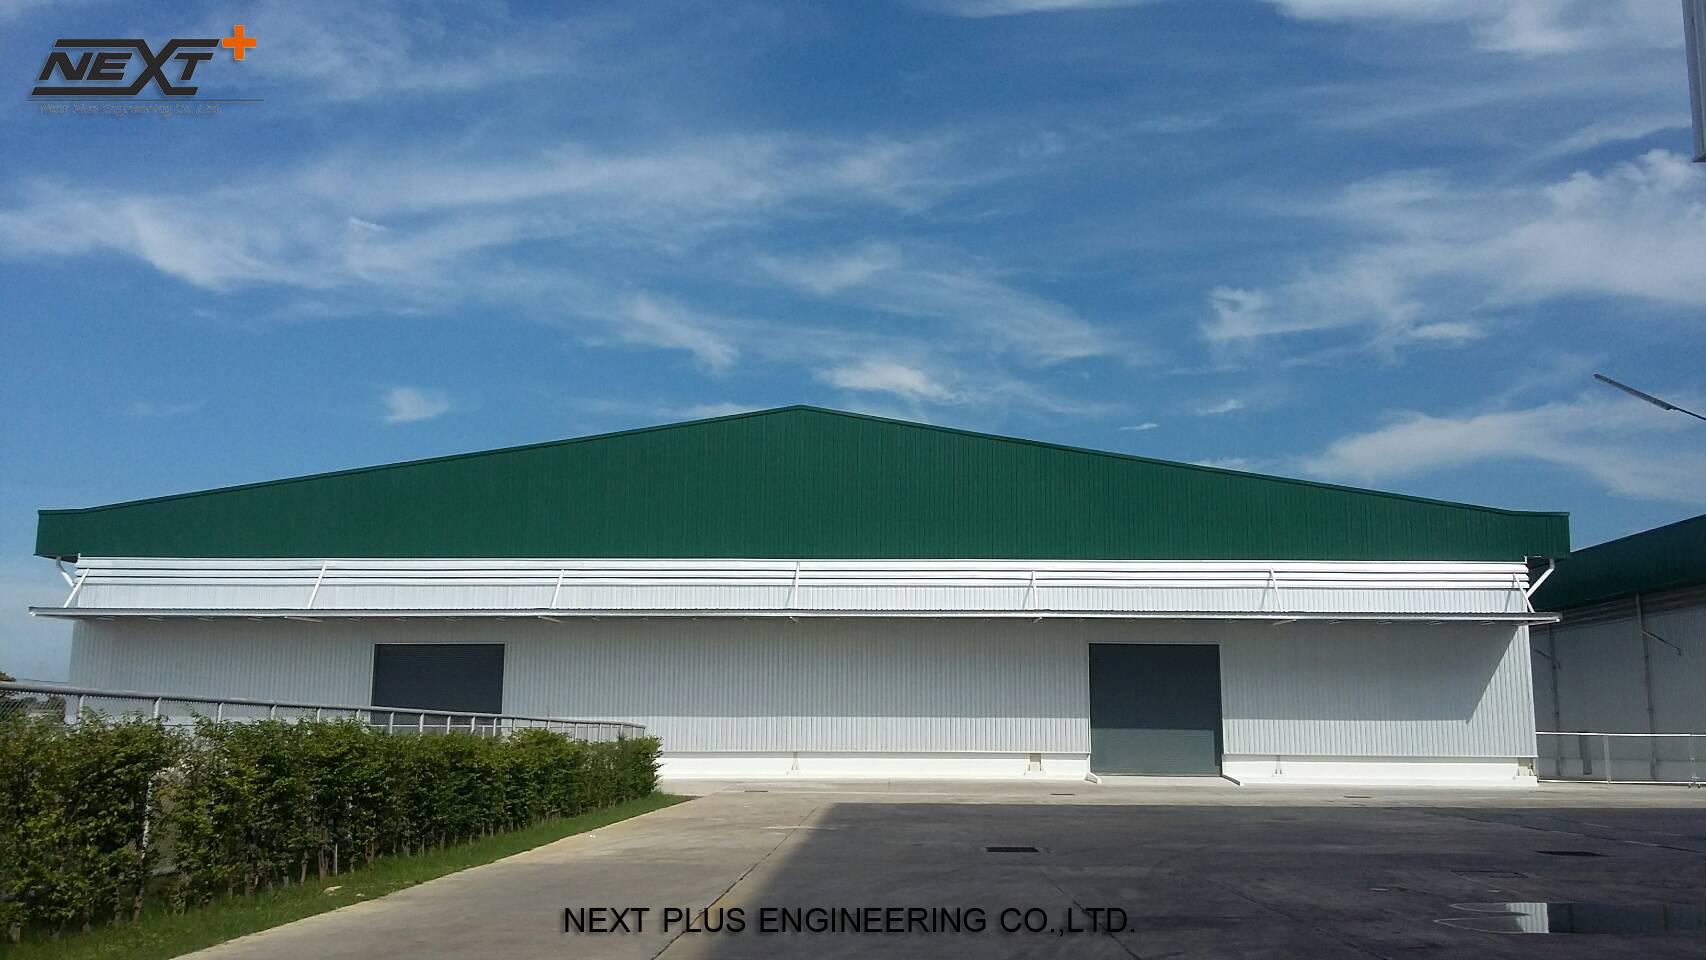 บริษัท แคล-คอมพ์ อีเล็คโทรนิคส์ (ประเทศไทย) สาขาเพชรบุรี โกดัง ที่2 4